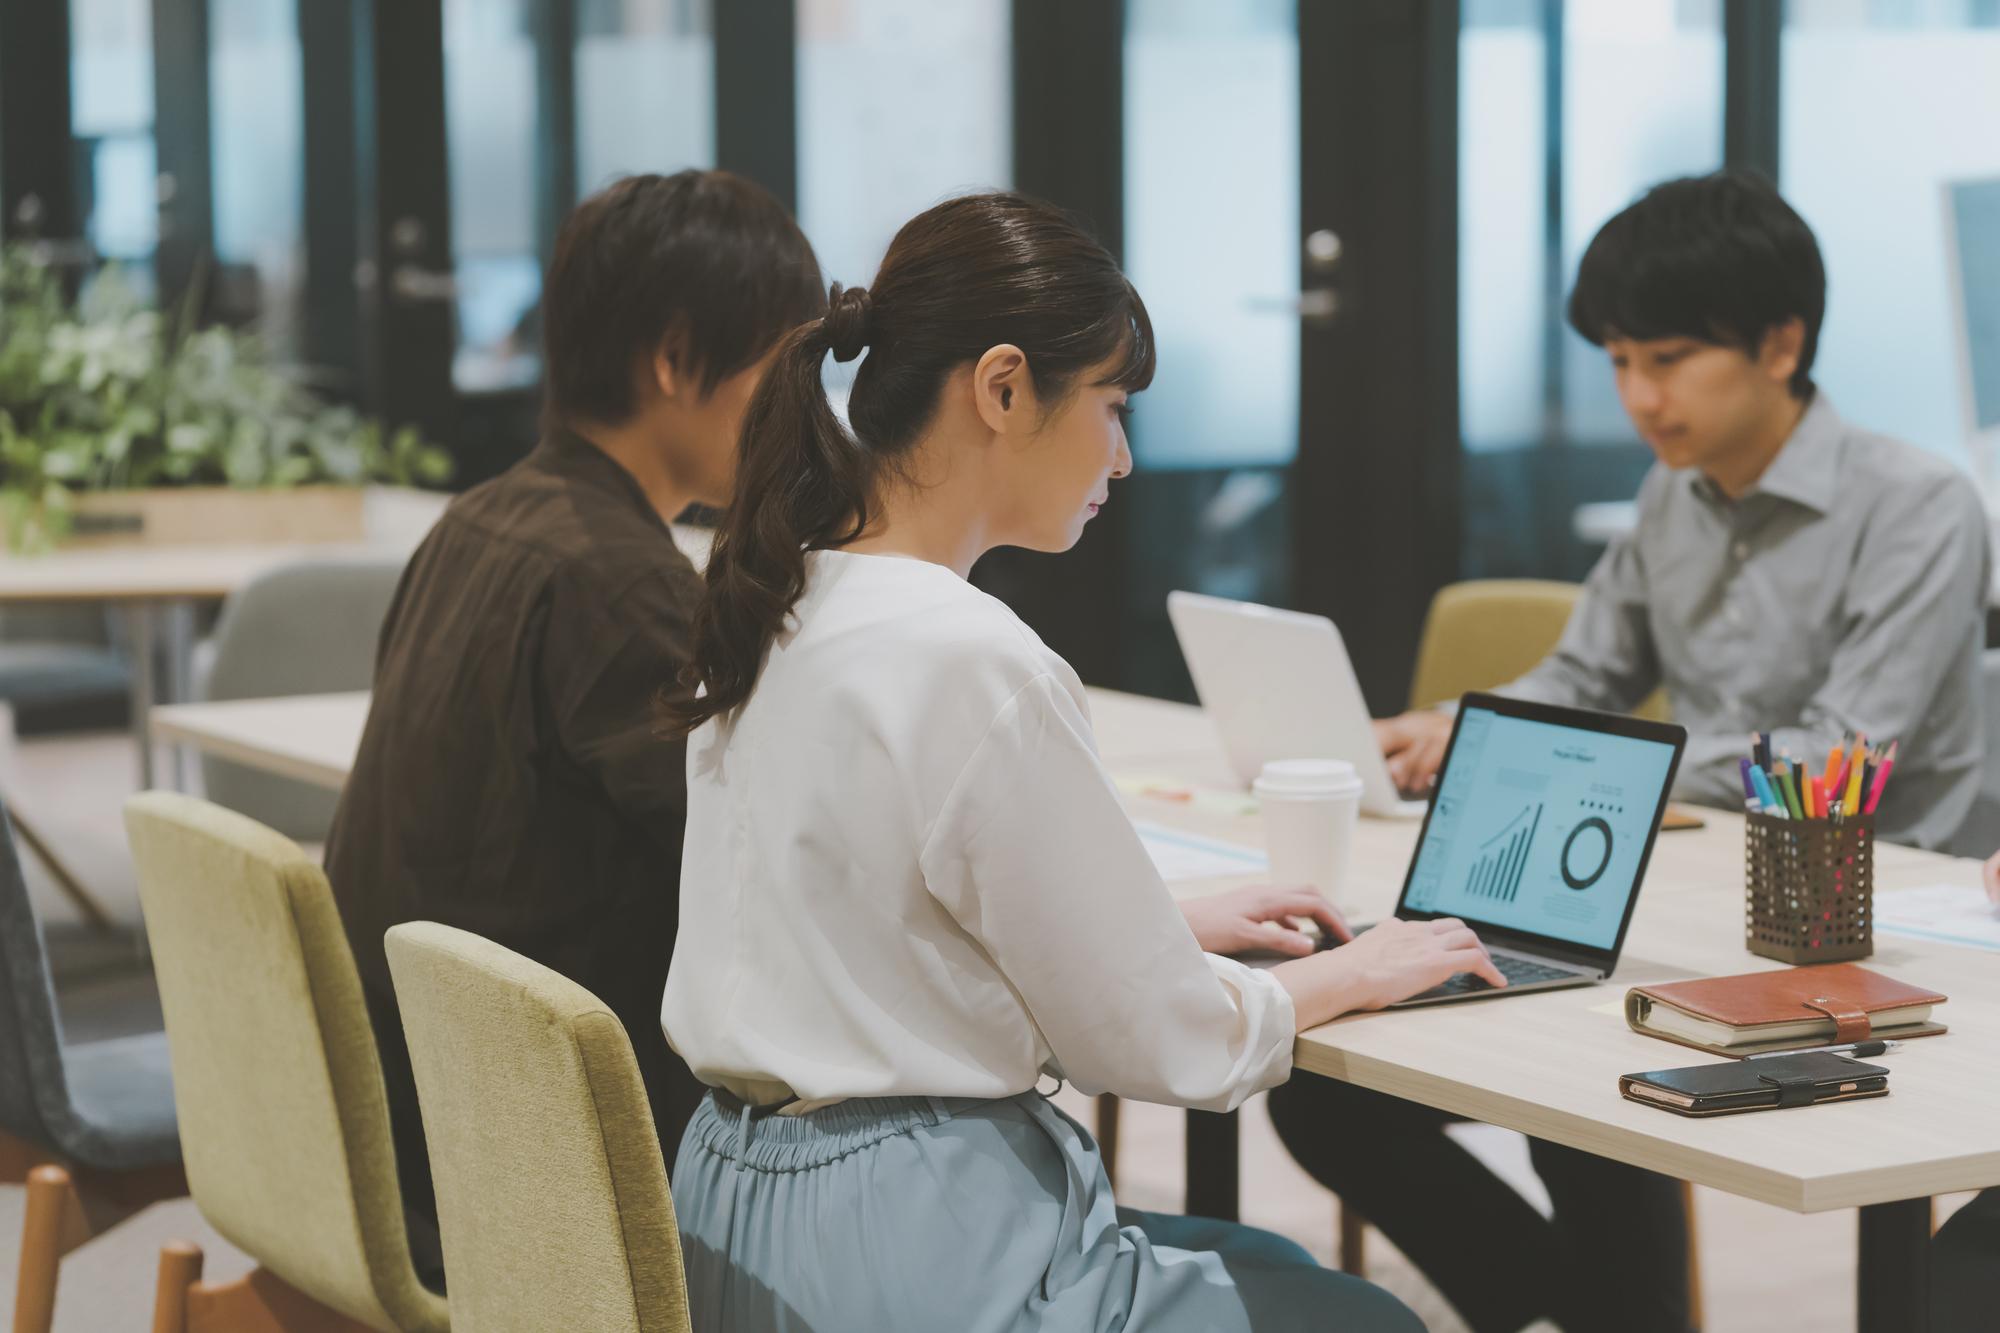 オフィスでパソコンを見ている女性